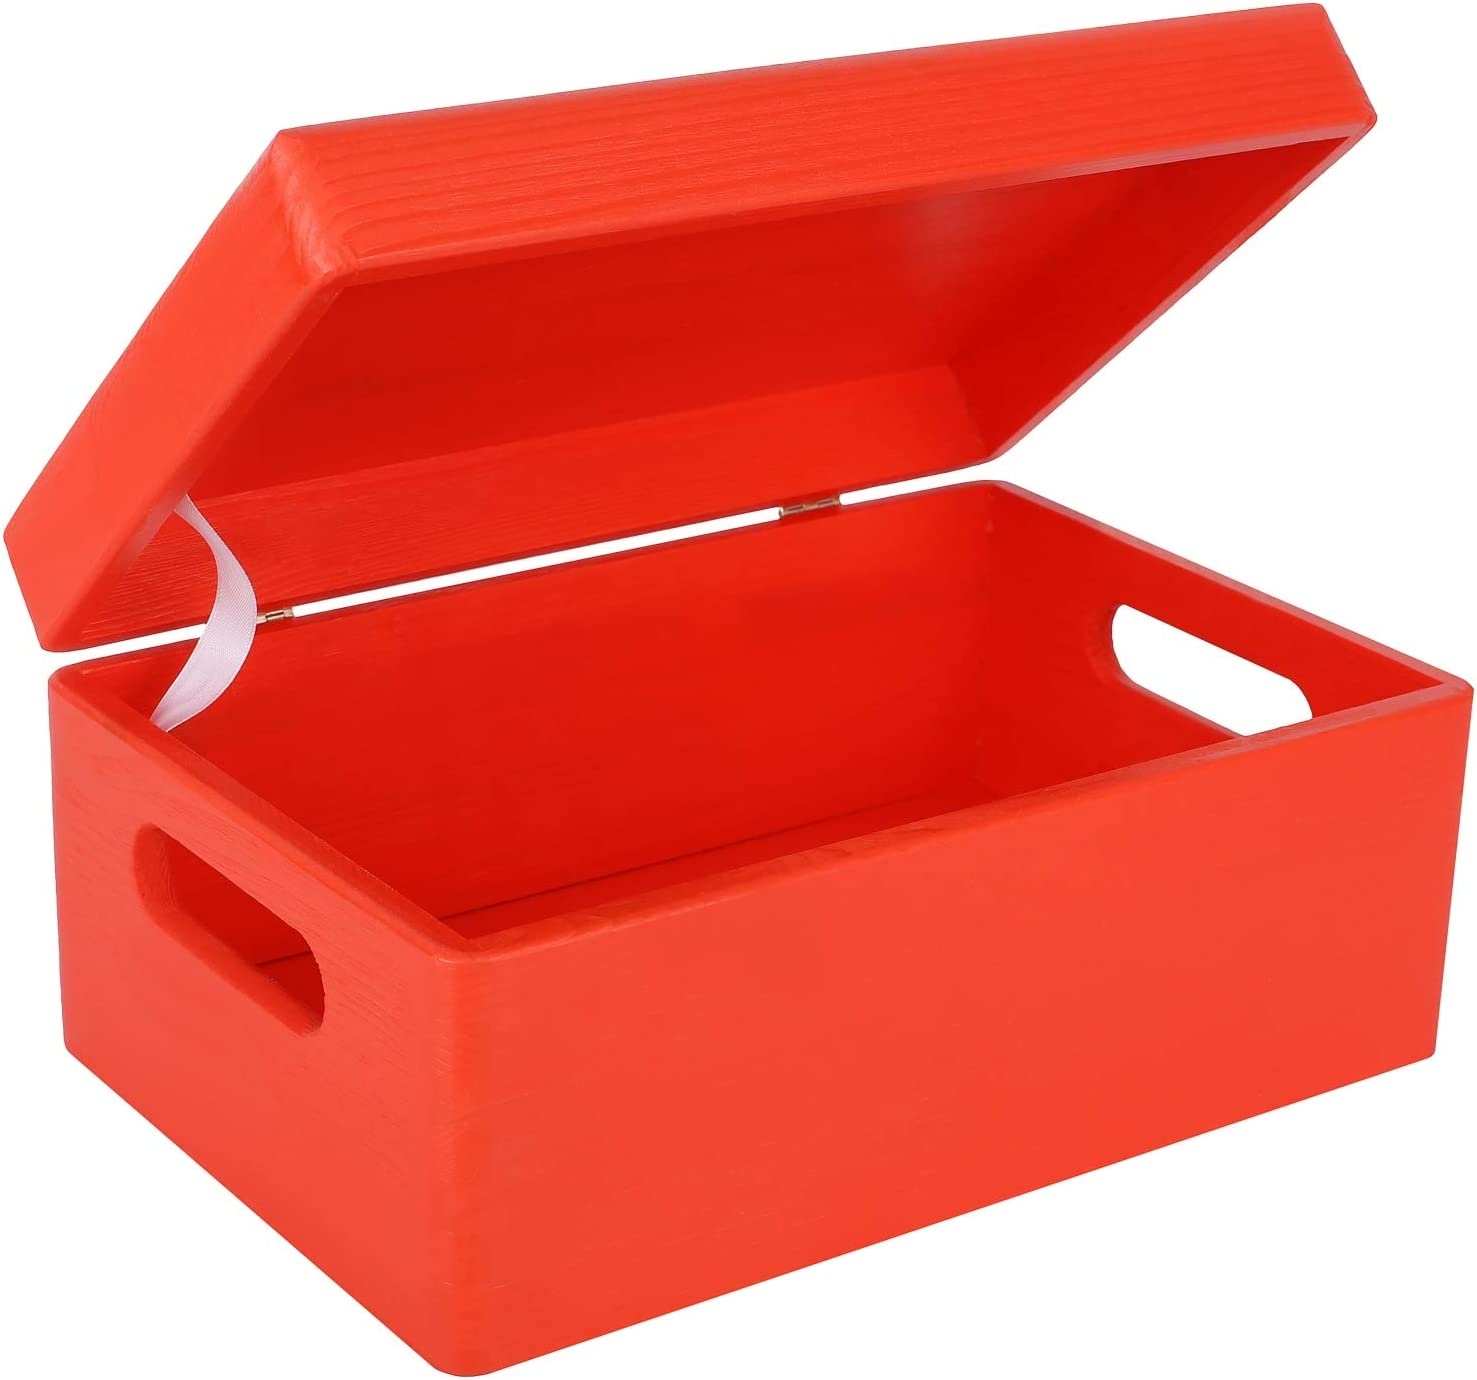 Creative Deco Roja Grande Caja de Madera para Juguetes | 30 x 20 x ...